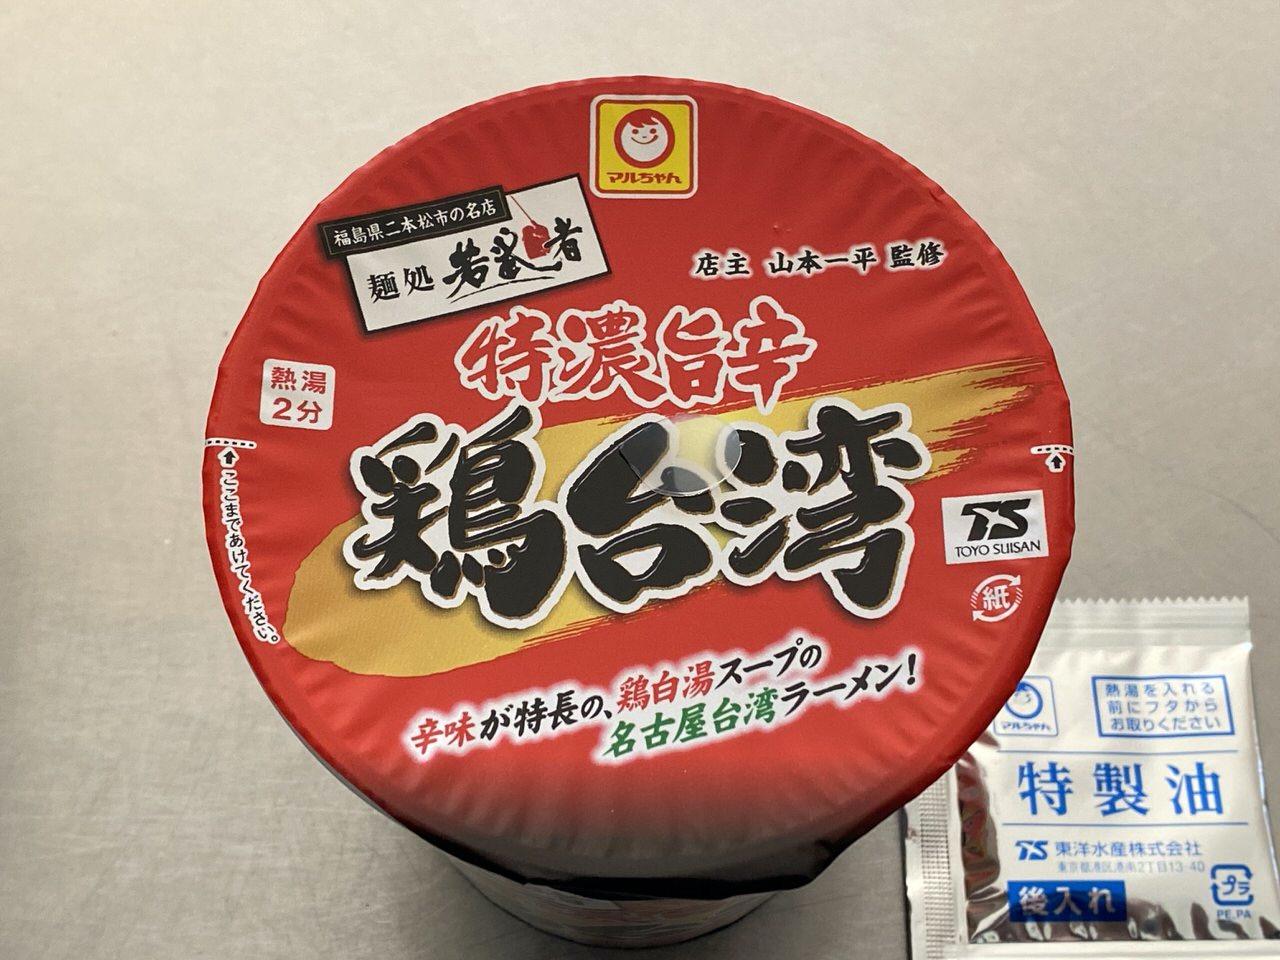 福島県二本松市の麺処 若武者監修「特濃旨辛 鶏台湾」年末に出会う2019年ベストのカップ麺